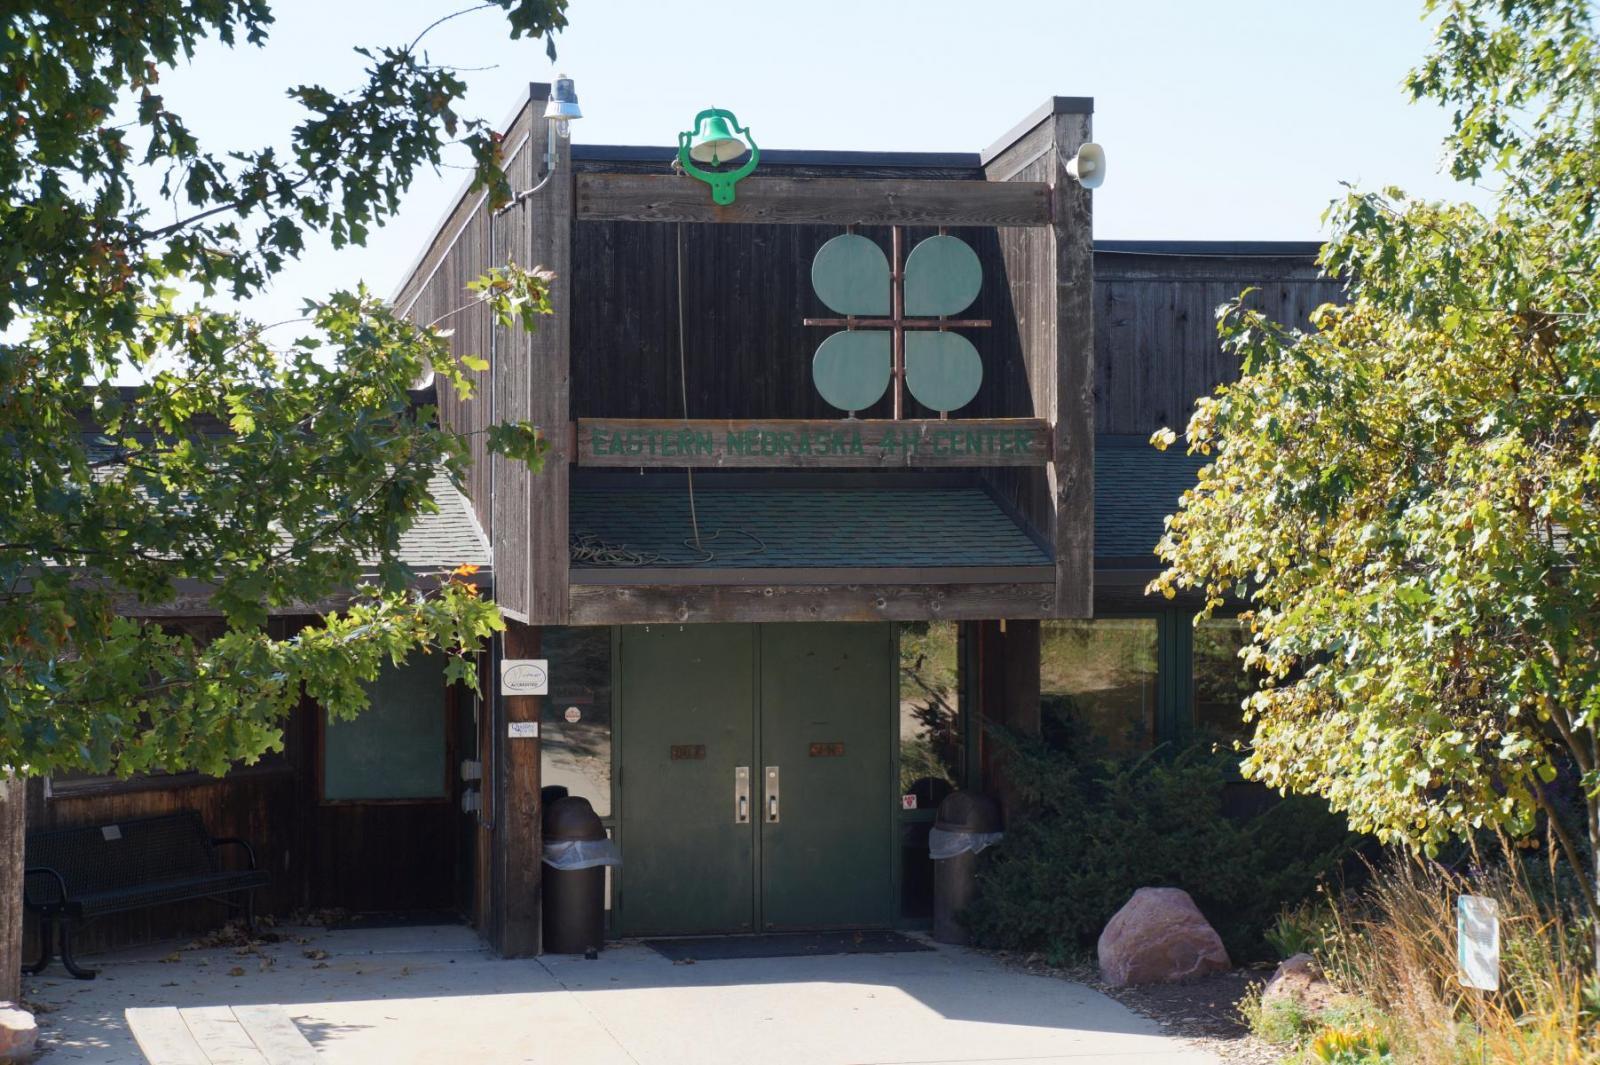 Eastern Nebraska 4-H Center main lodge